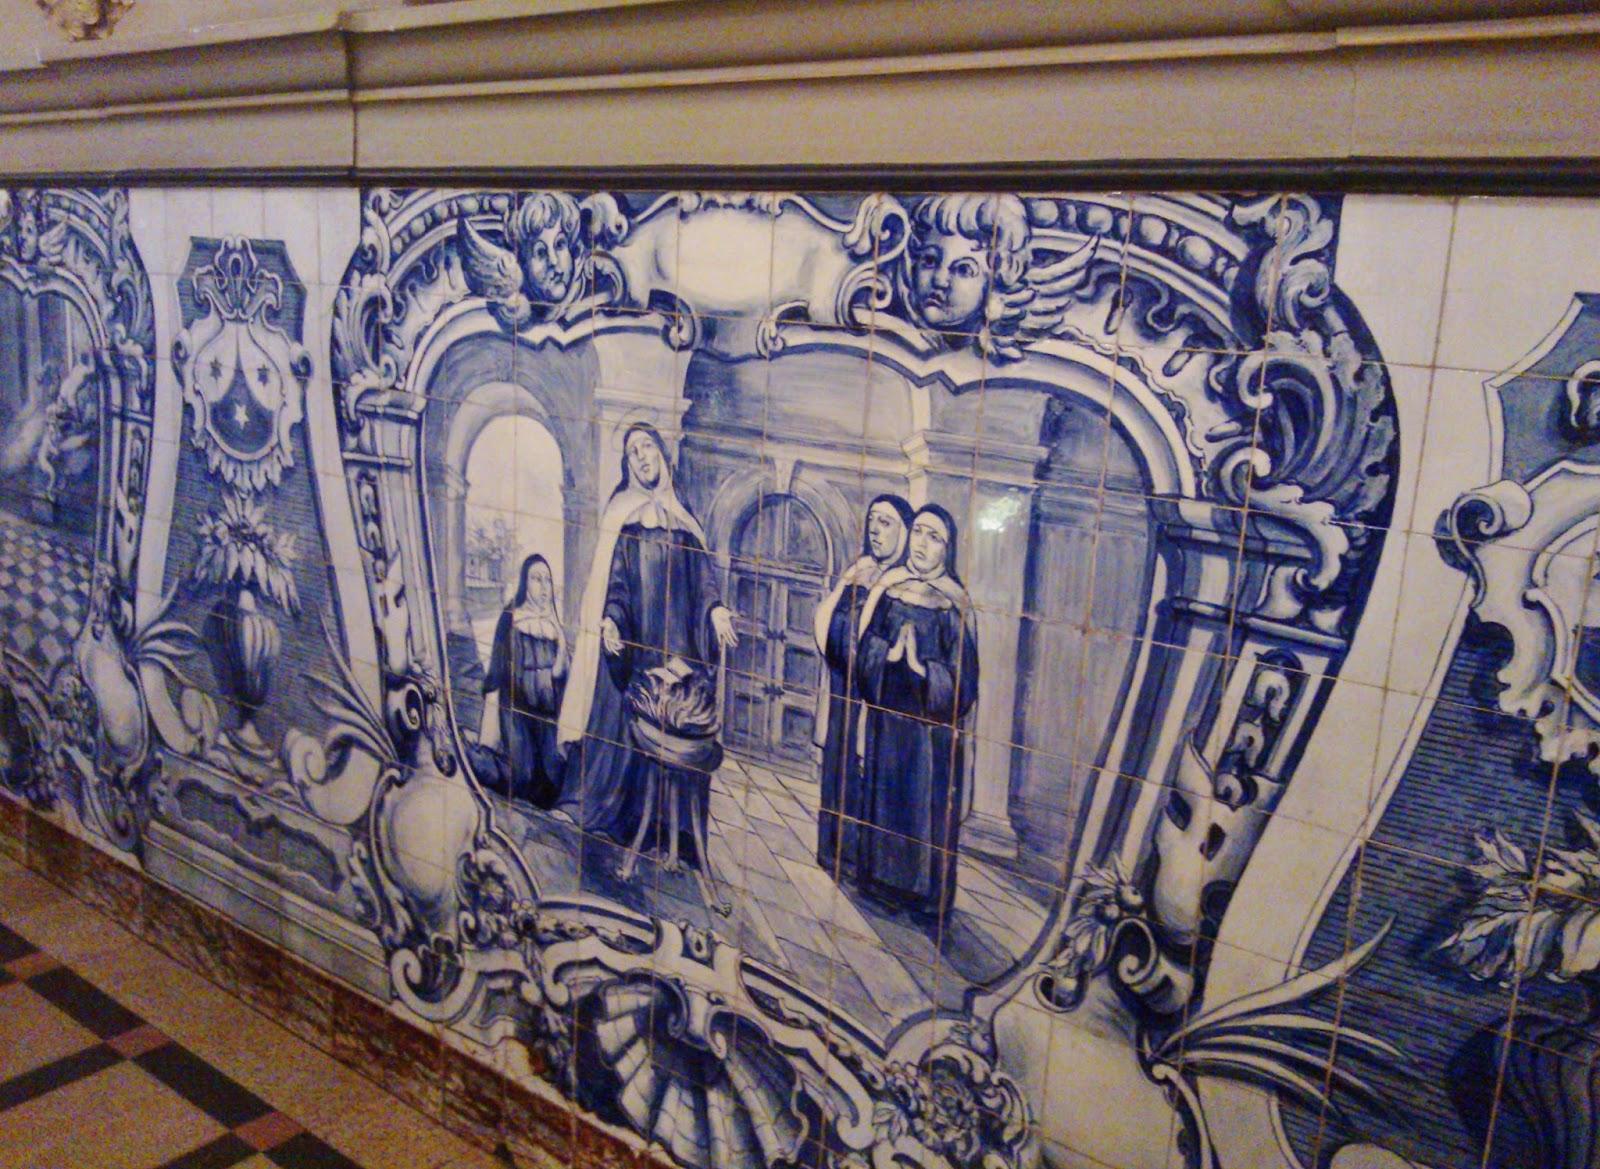 Azulejos portugueses no interior da Igreja do Coração de Maria (Capela da PUC - SP)